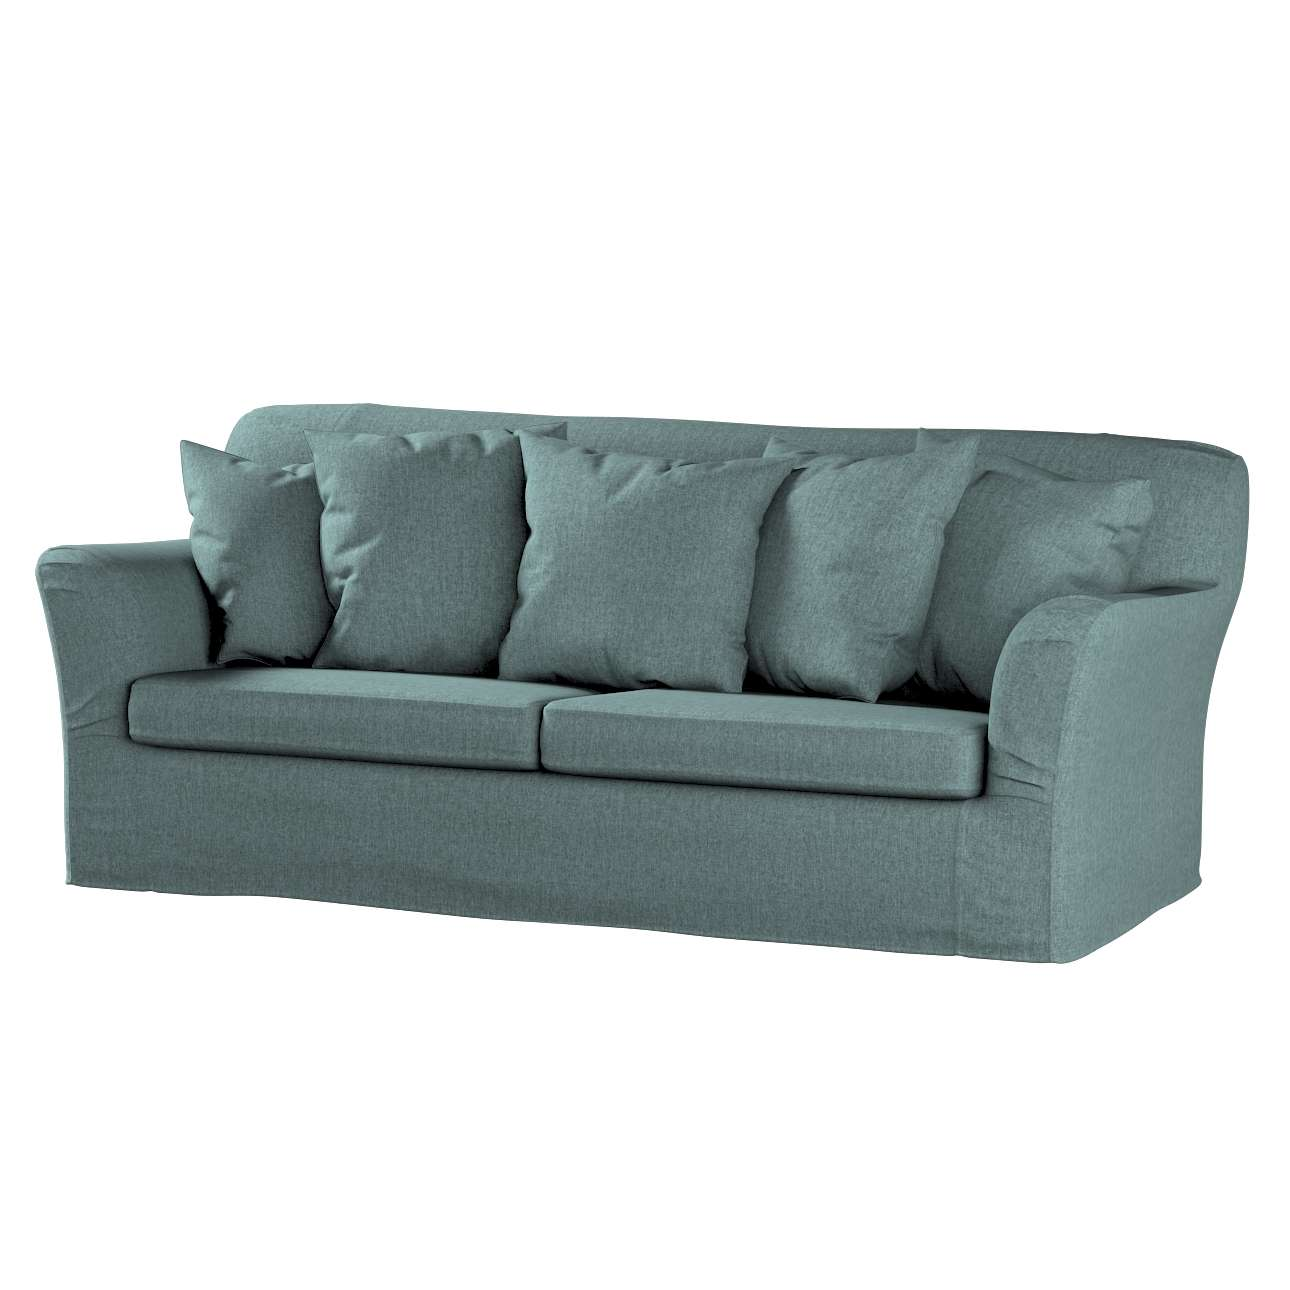 Pokrowiec na sofę Tomelilla 3-osobową rozkładaną w kolekcji City, tkanina: 704-85